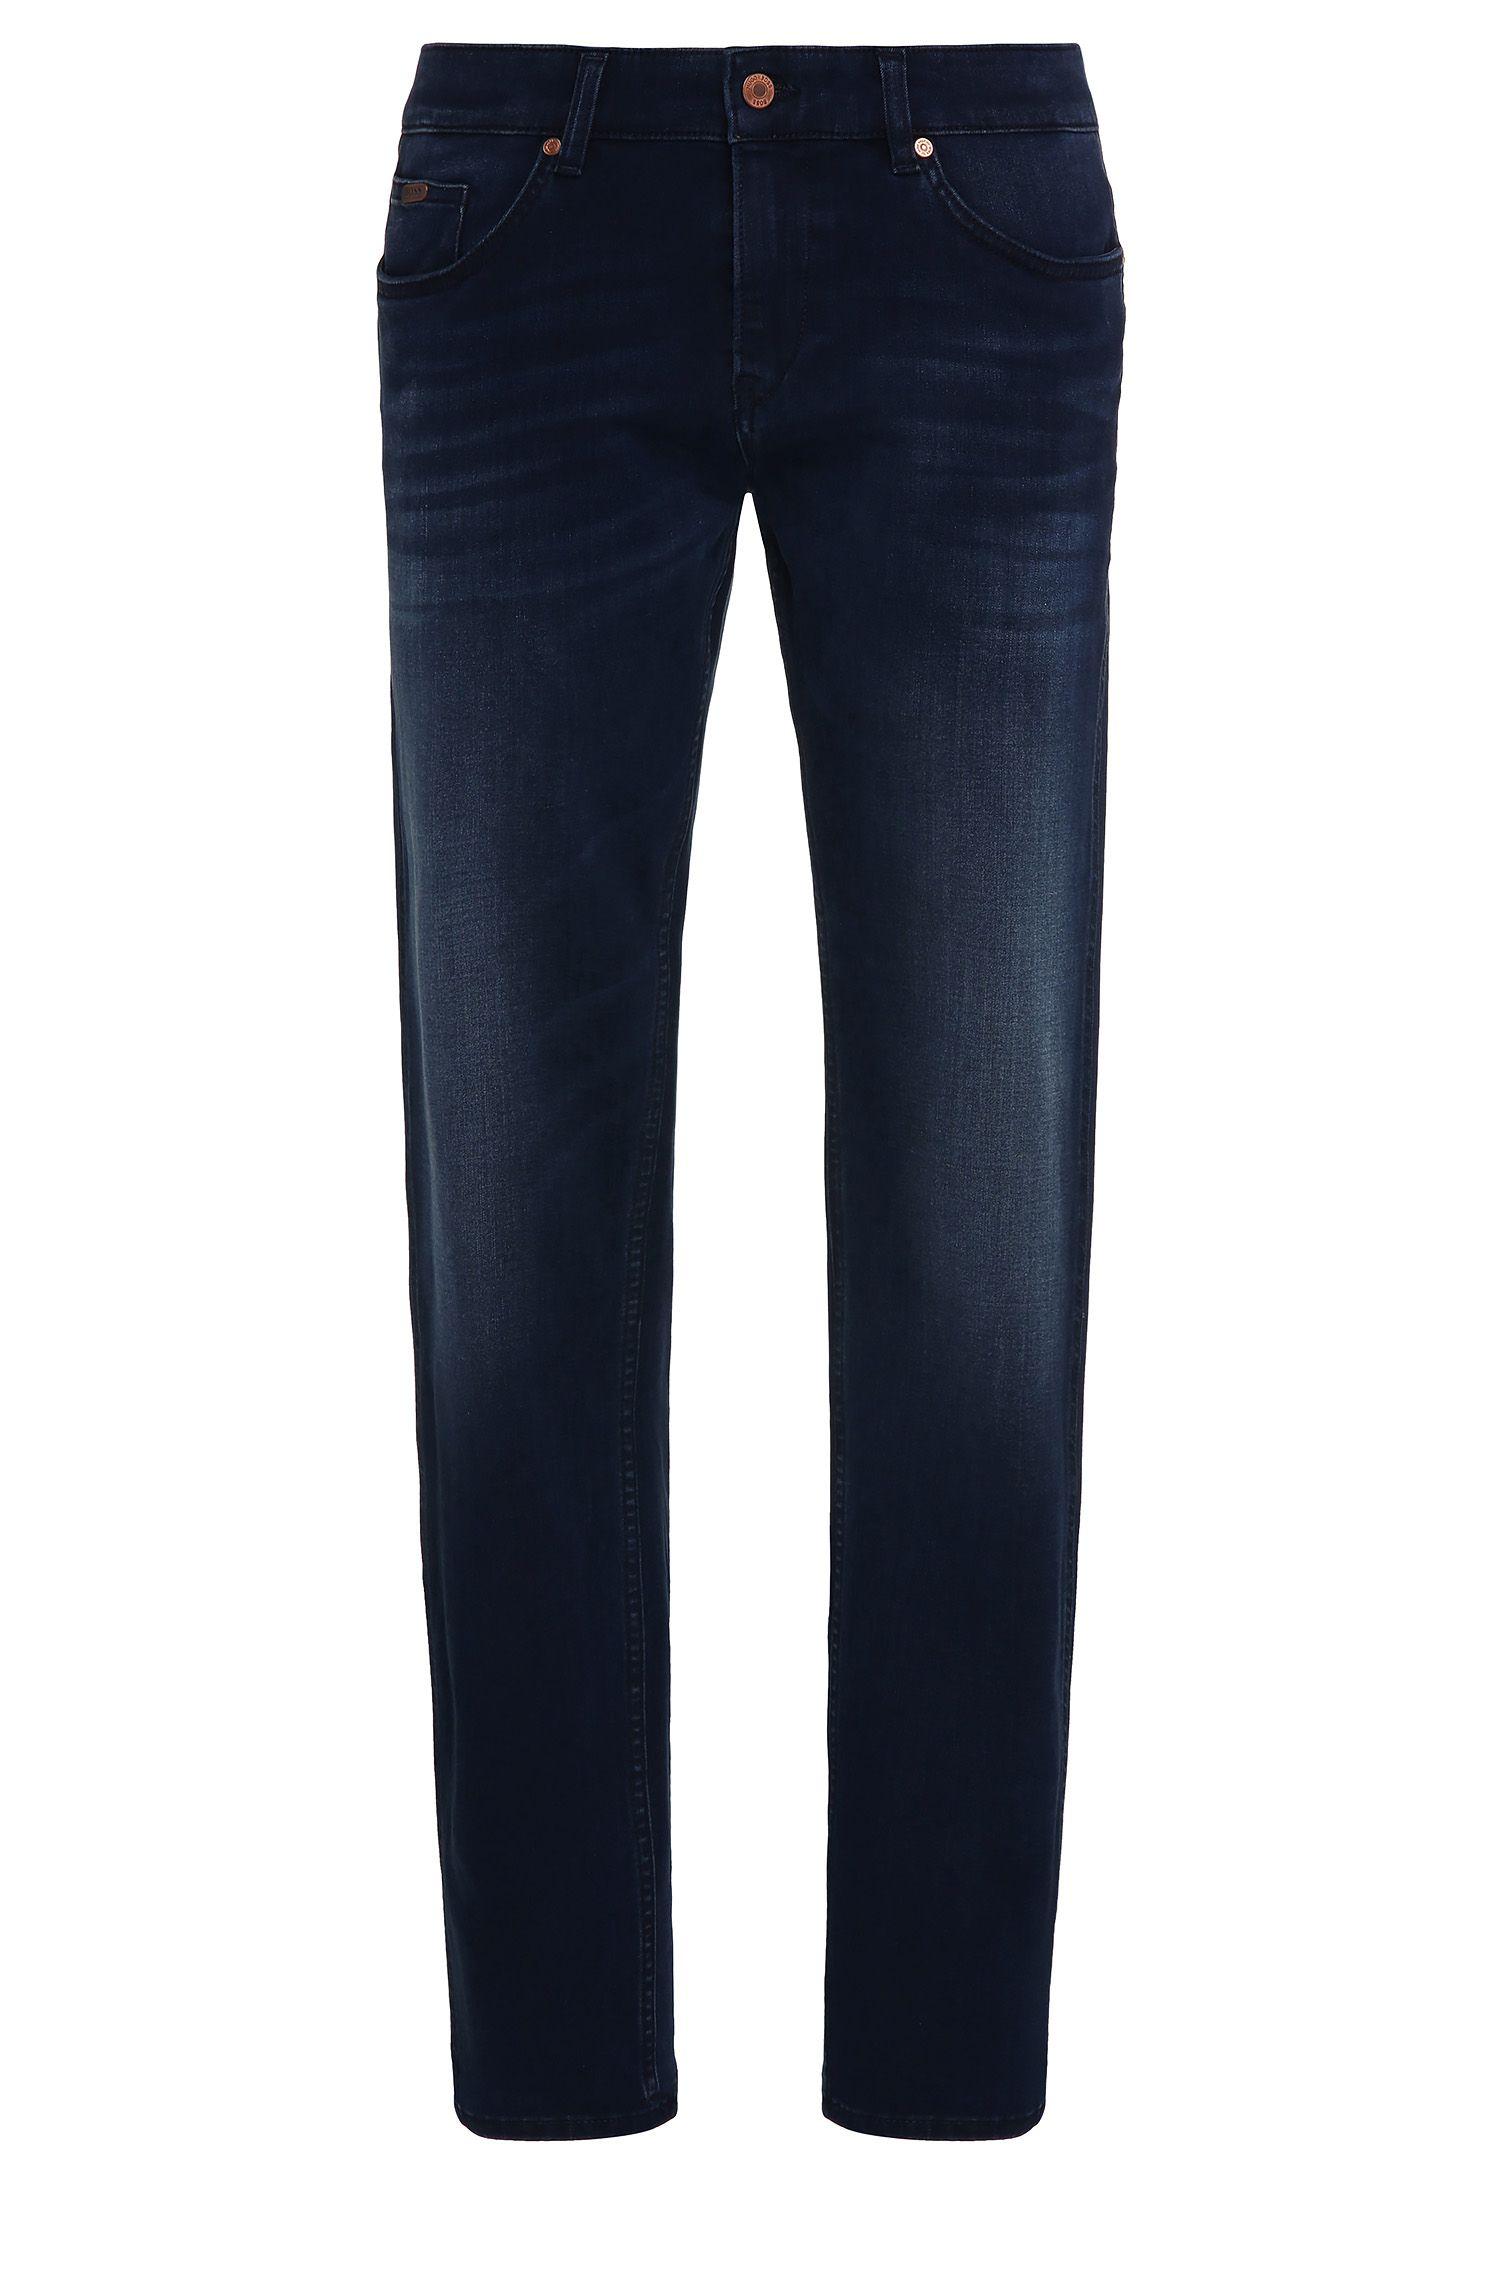 Verwaschene Slim-Fit Jeans aus elastischem Baumwoll-Mix mit Modal: ´C-Delaware1-200`